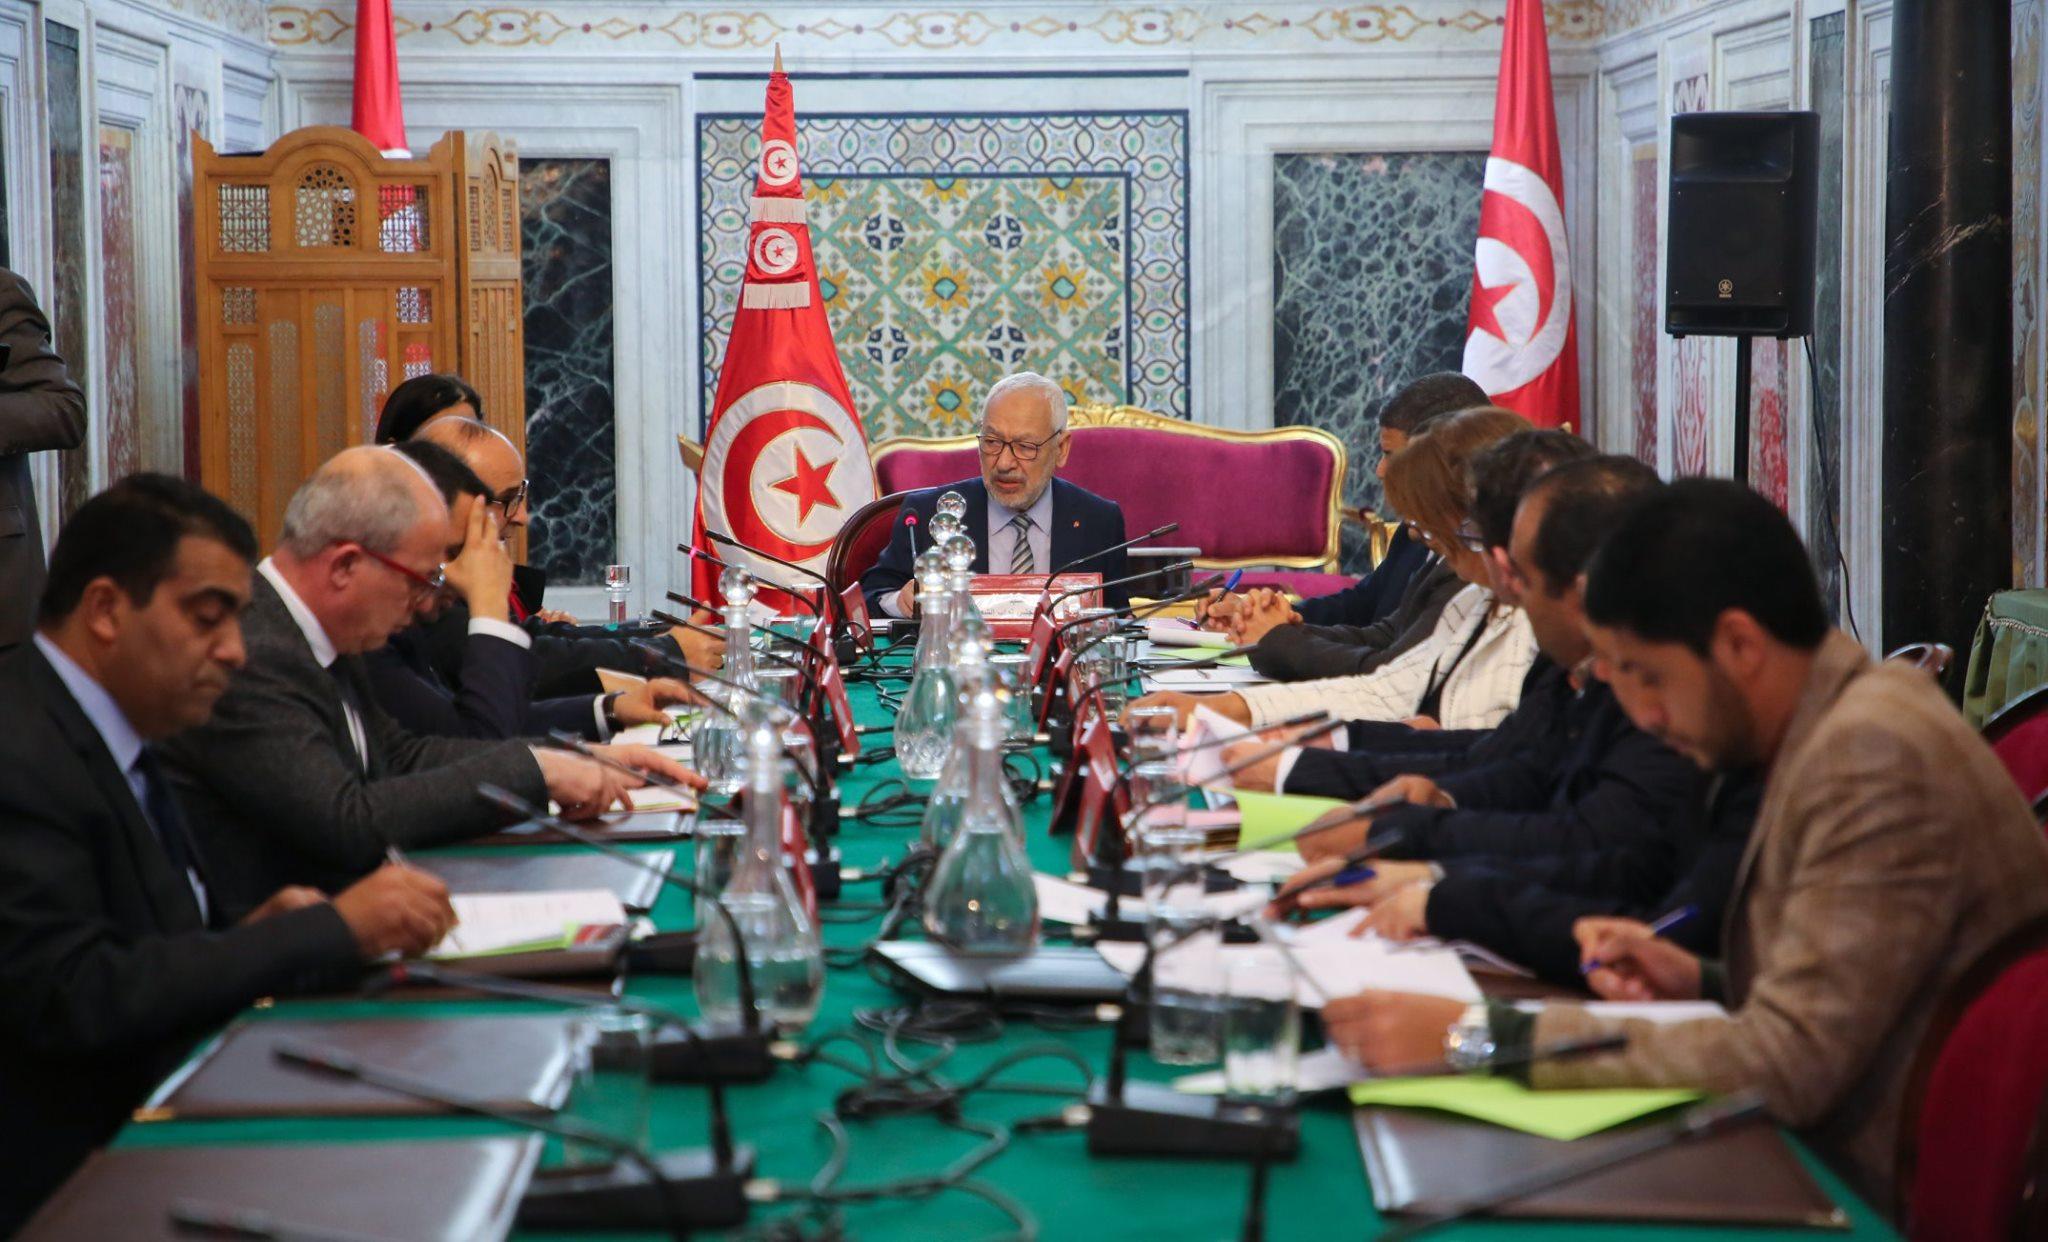 مكتب البرلمان يناقش الوضع بليبيا ويُحيل الملفّ إلى لجنة الأمن والدفاع